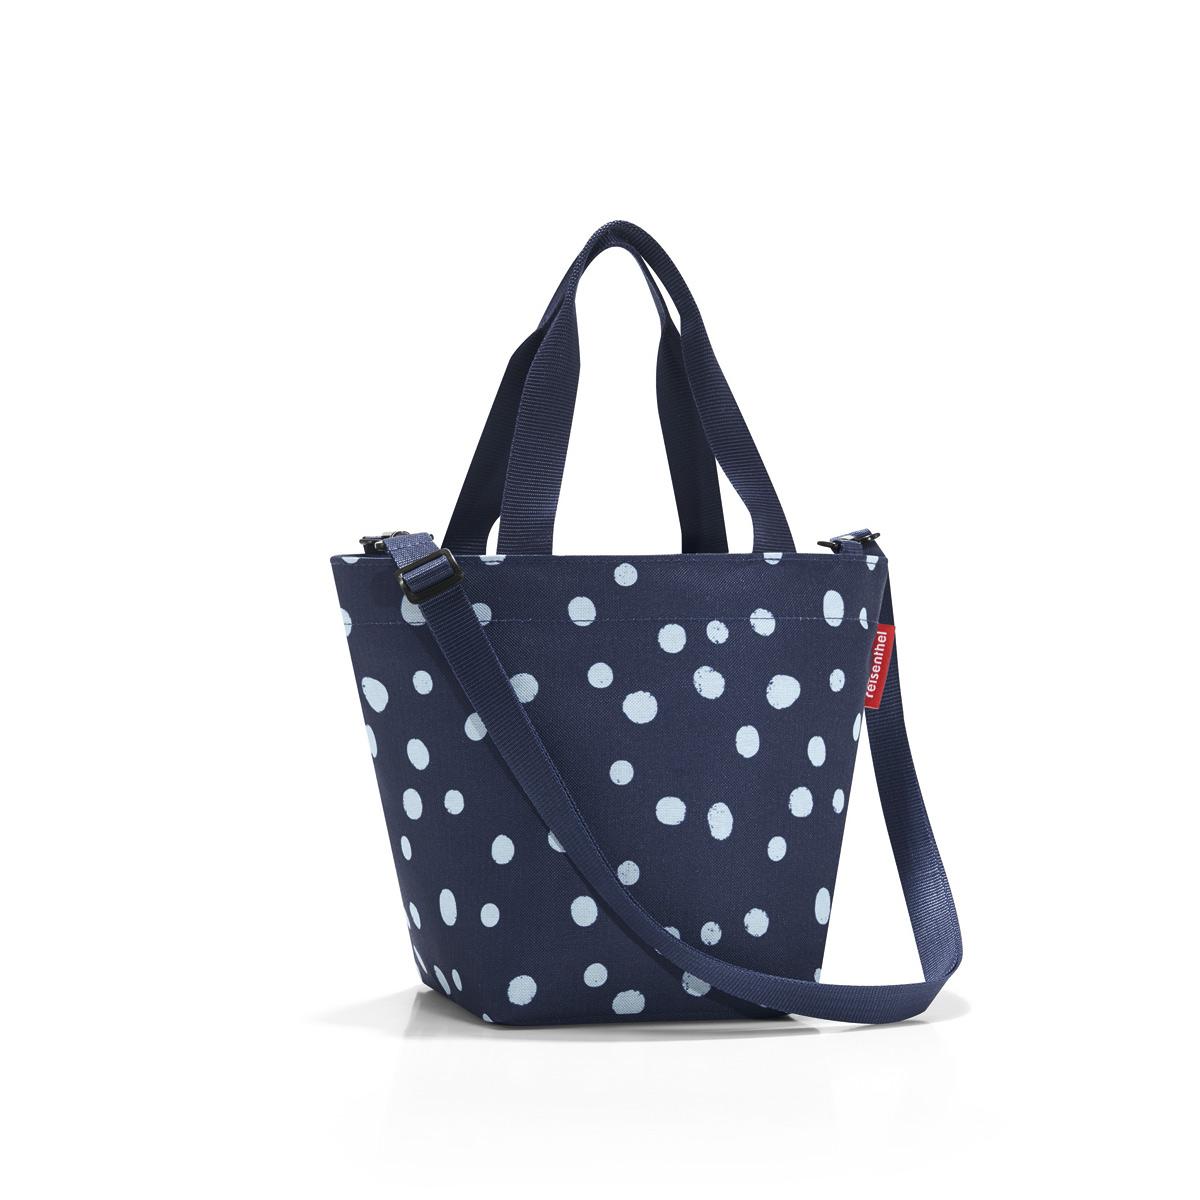 Сумка-шоппер женская Reisenthel Shopper XS spots navy, цвет: синий. ZR4044ZR4044Симпатичная сумка для повседневного использования: широкие удобные лямки для переноски в руках и удобный плечевой ремешок с регулируемой длиной, который можно отстегнуть.Объем 4 литра позволяет вместить все необходимые мелочи. Застегивается на молнию. Внутри - кармашек на молнии.